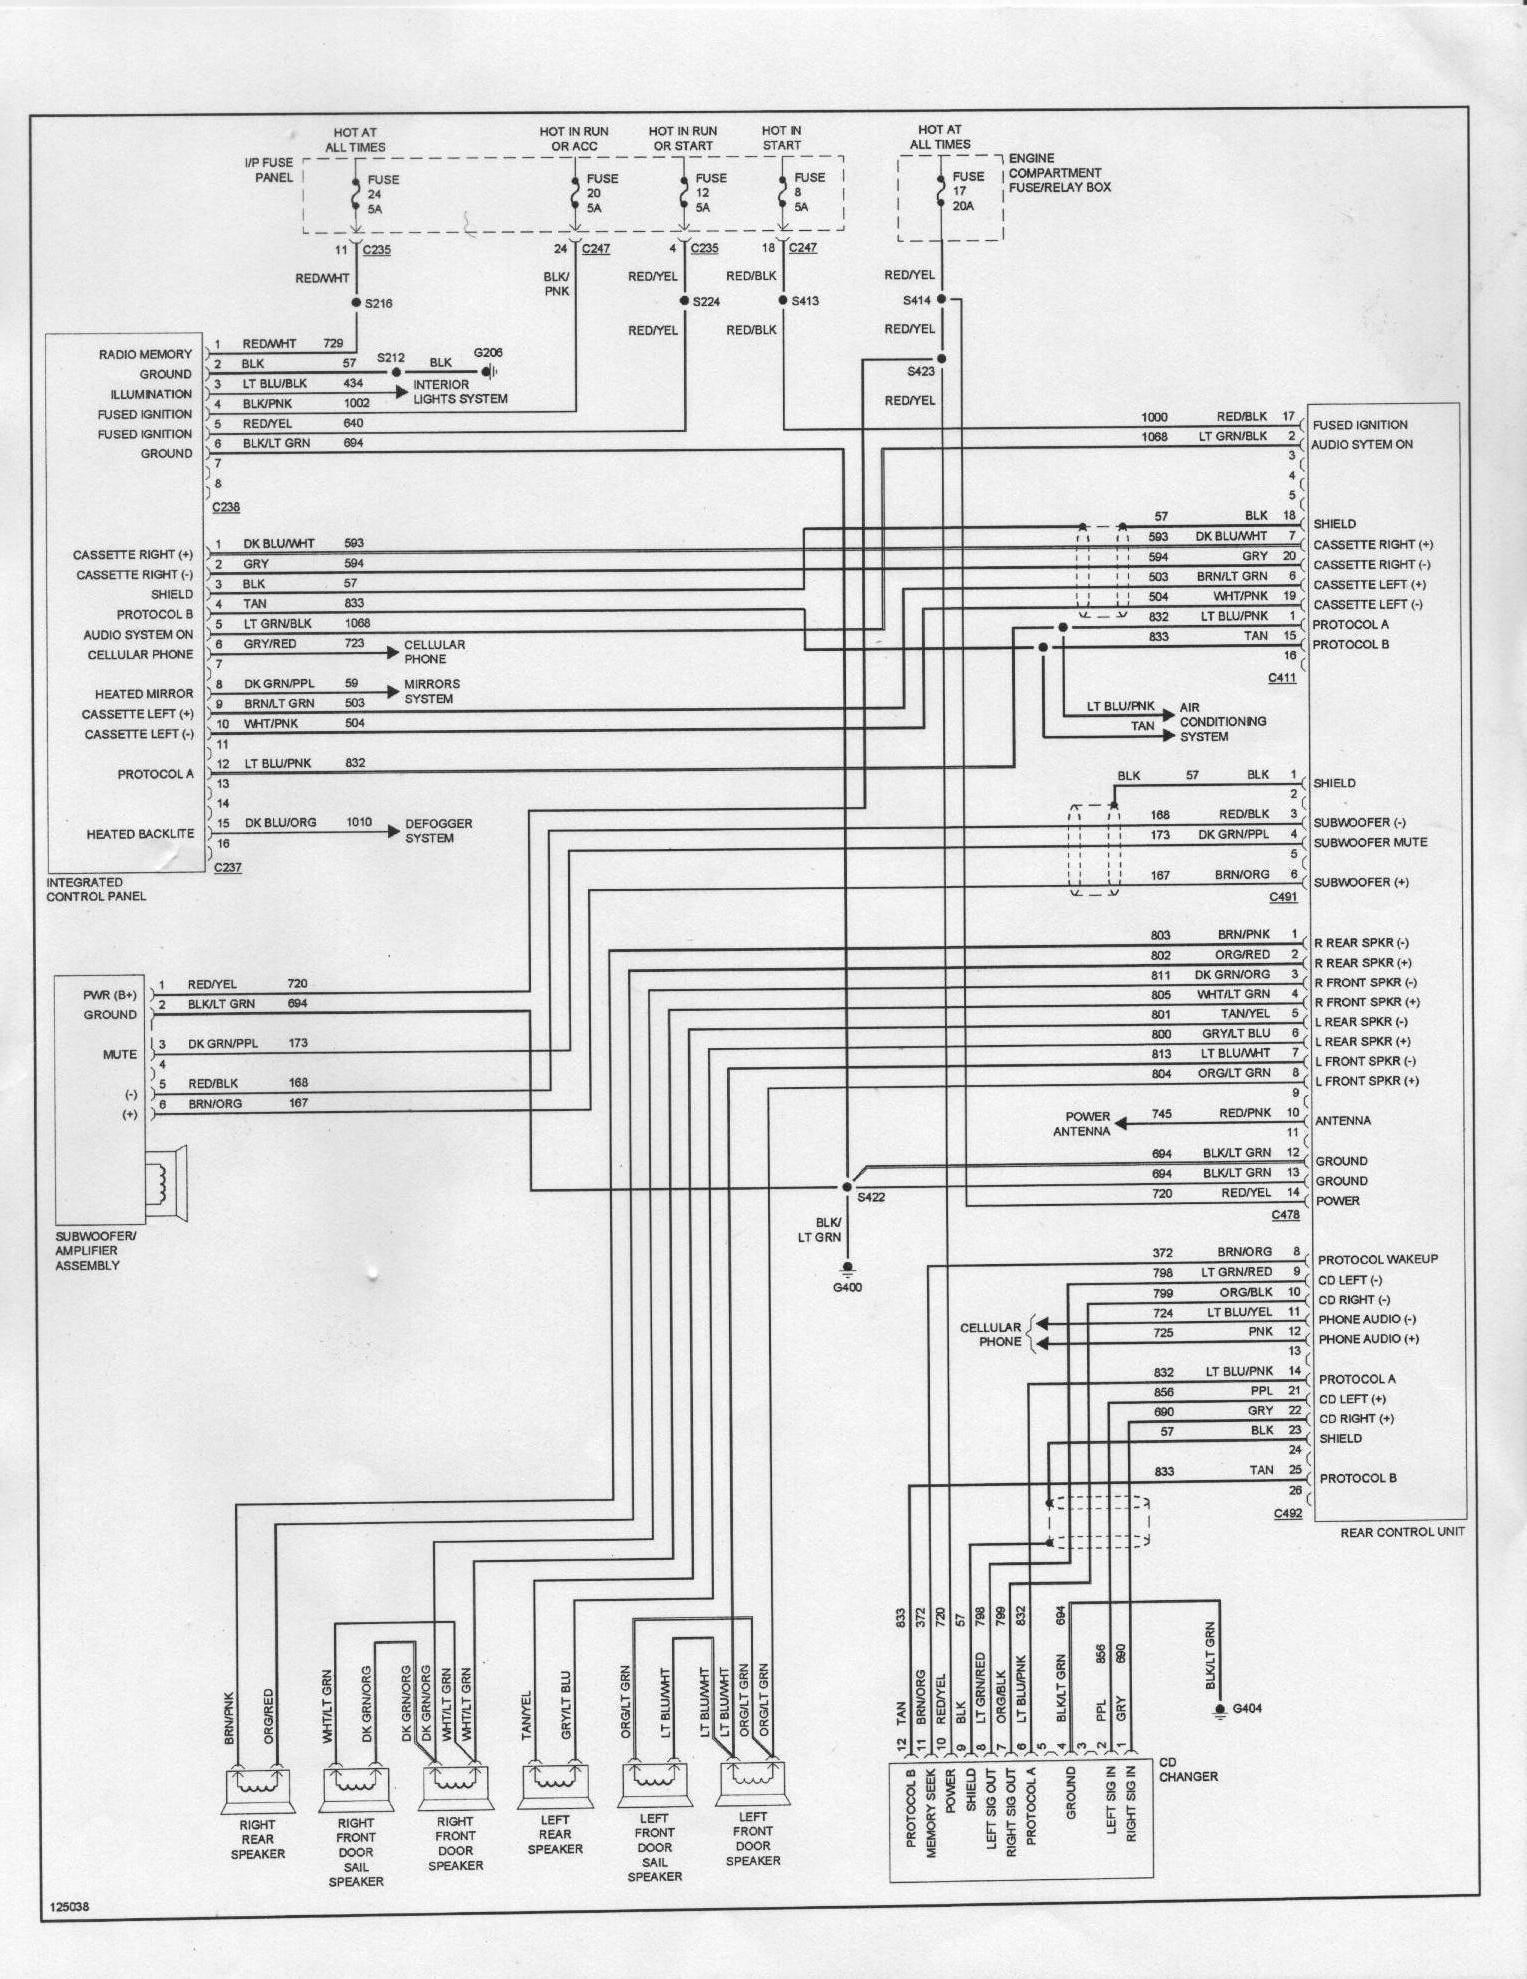 Scosche Wiring Harness Guide Wiring Ge Schematic Jbp35bobict Foreman Ab14 Jeanjaures37 Fr